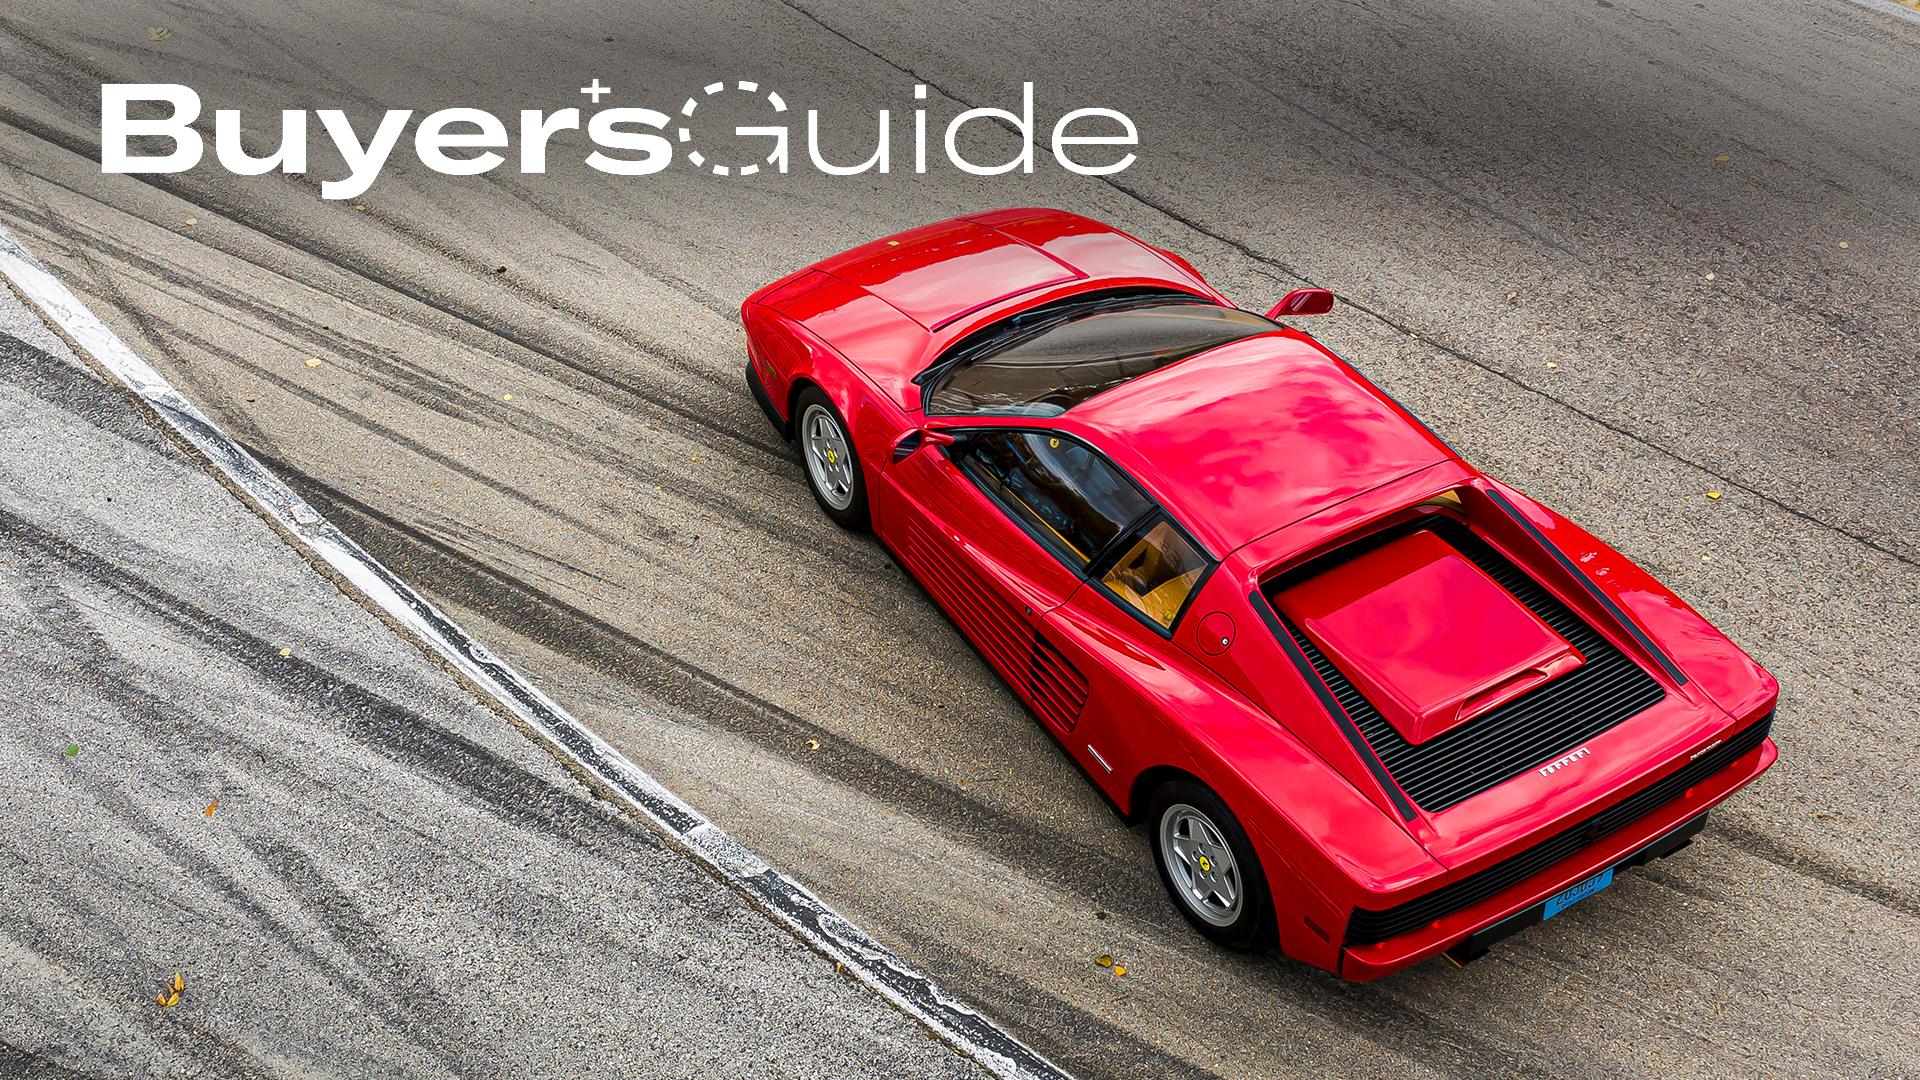 Ferrari Testarossa buyers guide